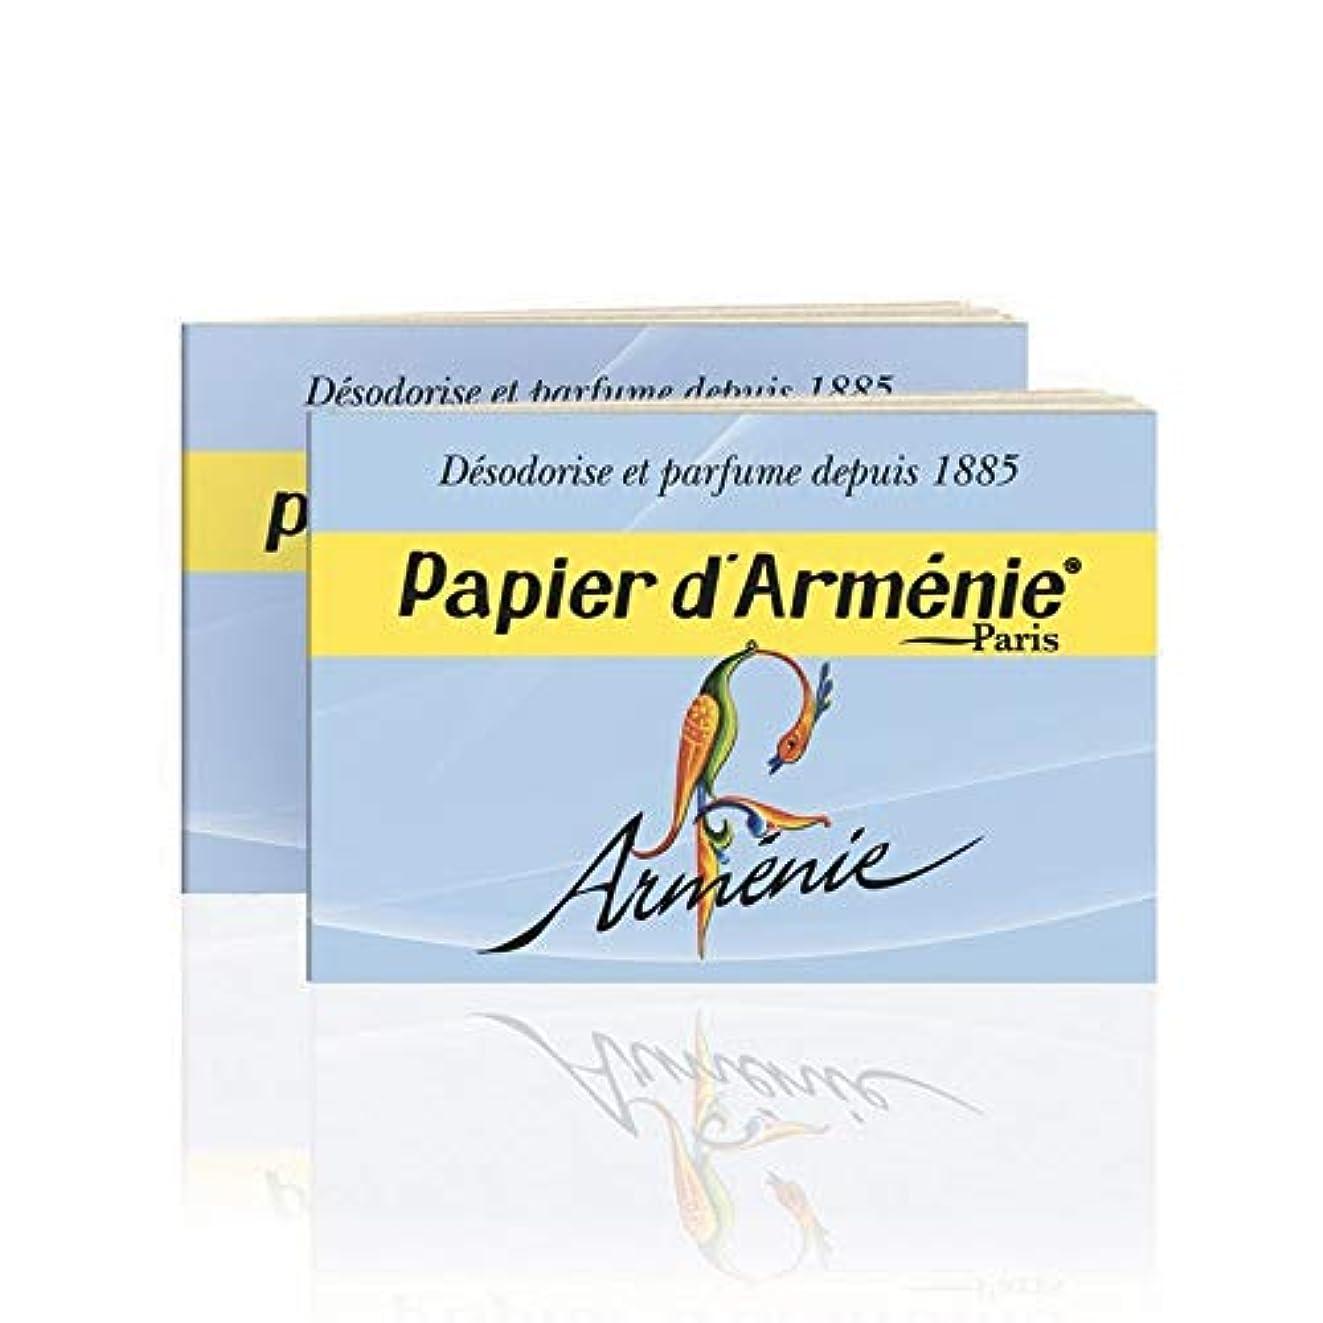 乱れクリケット投げるPapier d'Arménie パピエダルメニイ アルメニイ 紙のお香 フランス直送 2個